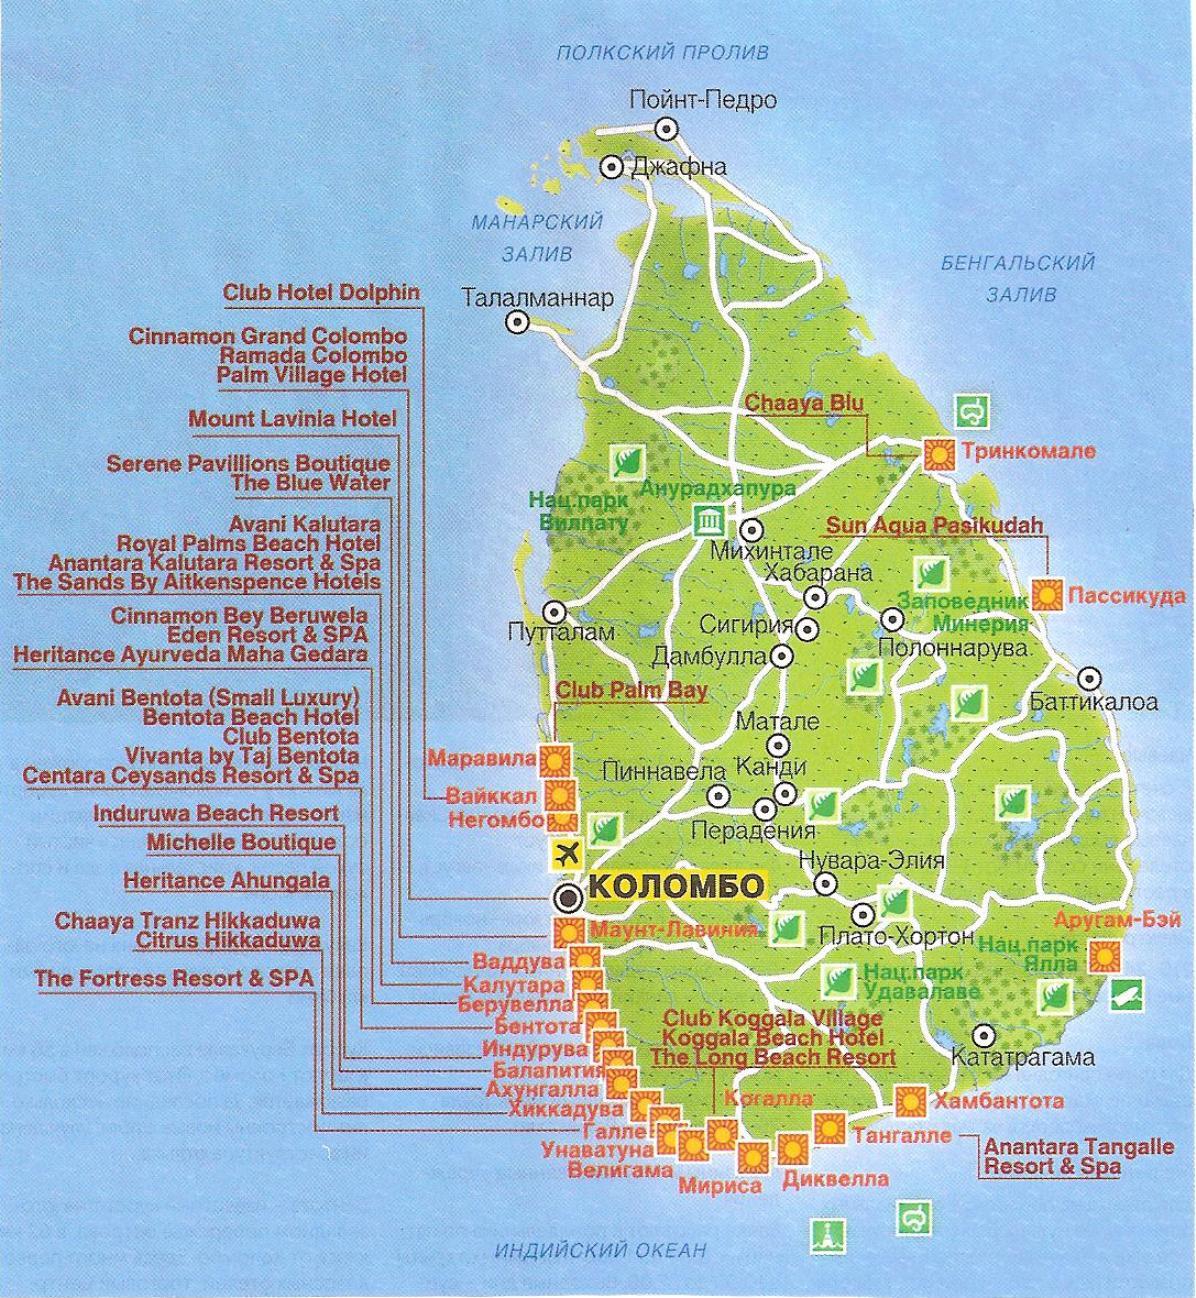 Halvat lennot Hongkongista Sri Lankaan 10 107 ruplaa aviasales.ru-sivustolla